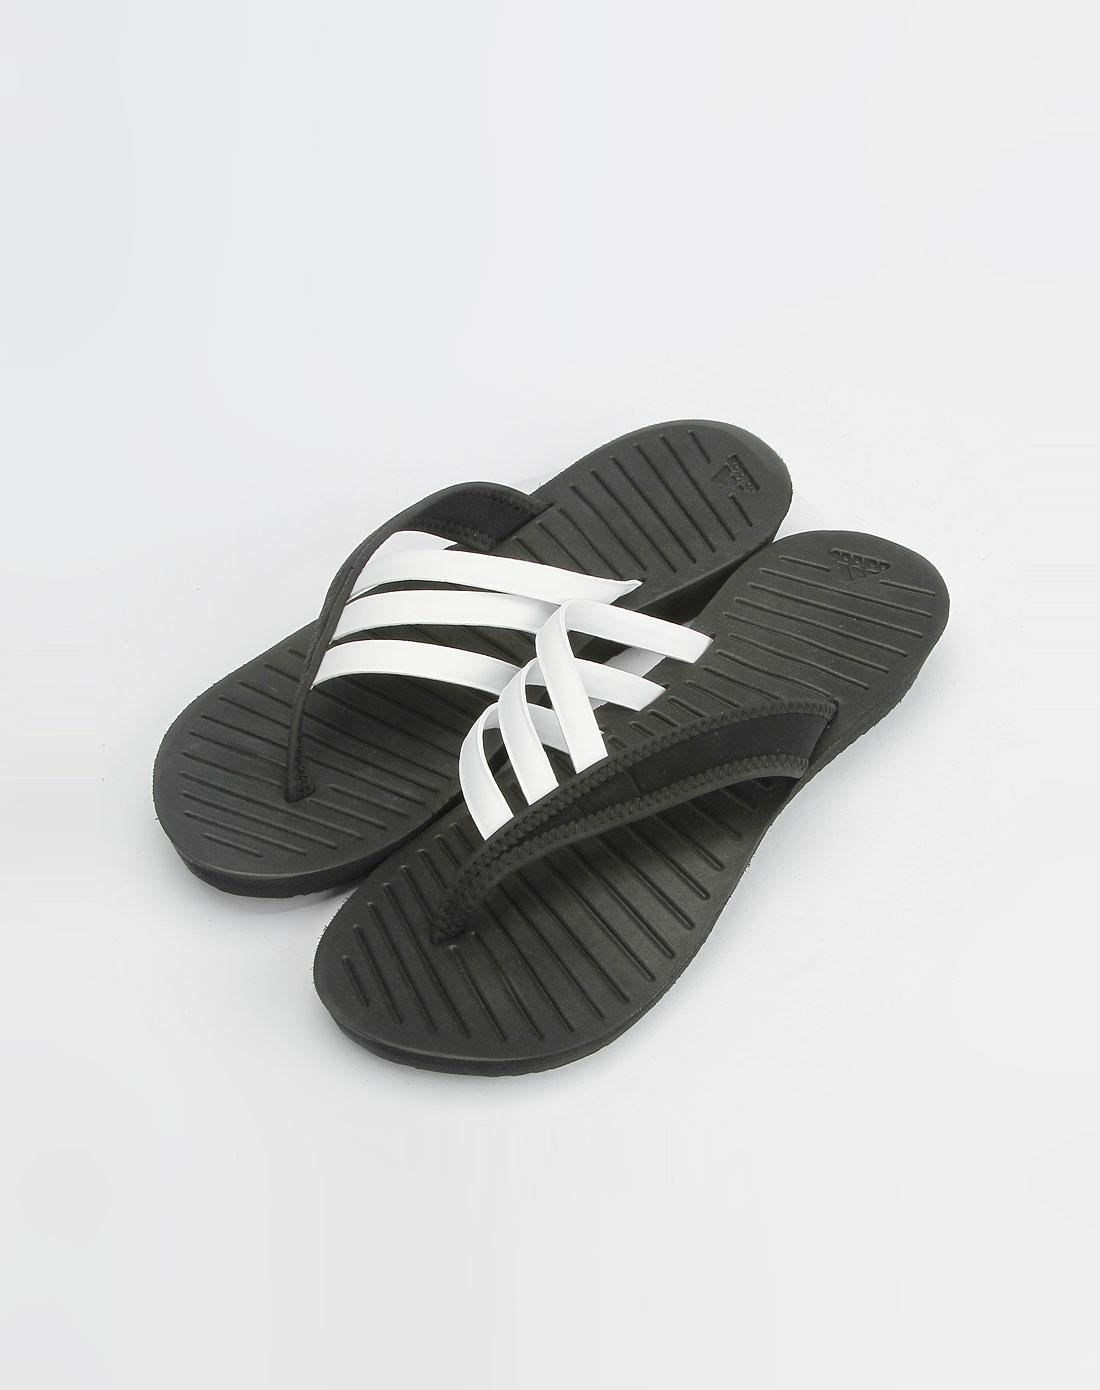 阿迪达斯adidas女款黑/白色休闲人字拖鞋473176